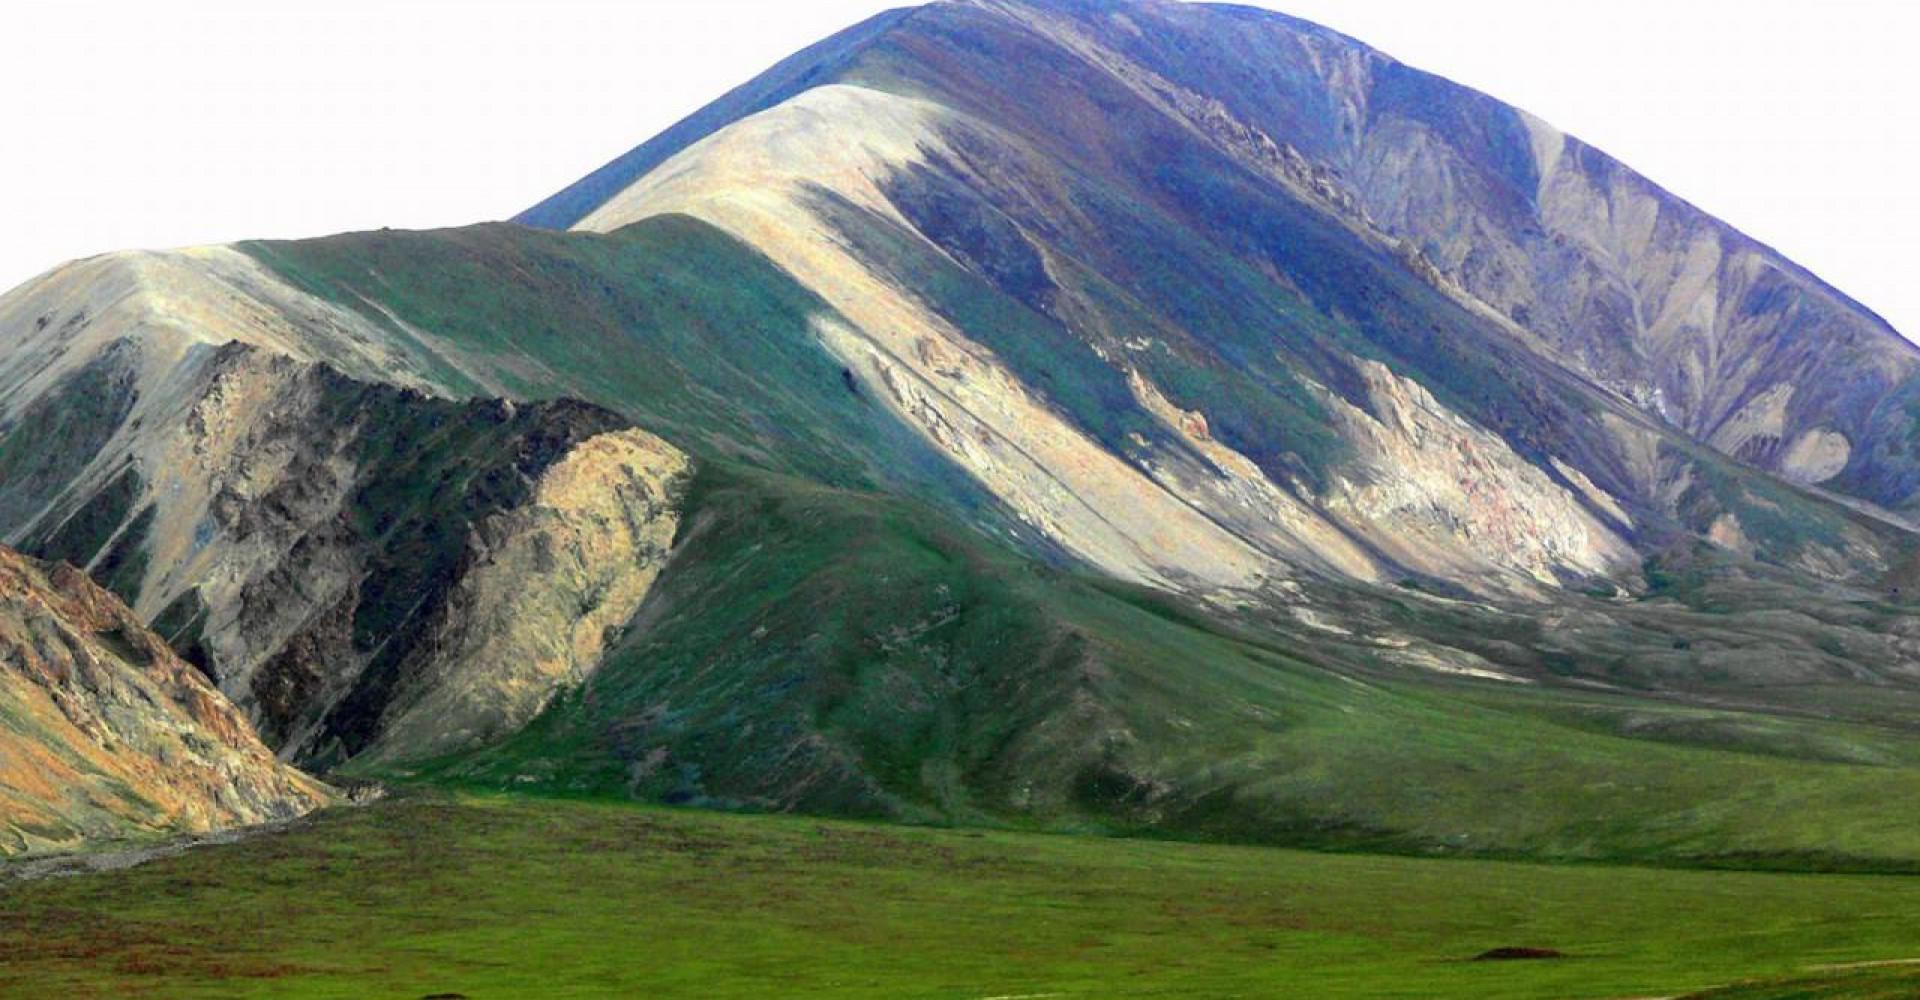 Alag Khairkhan mountain